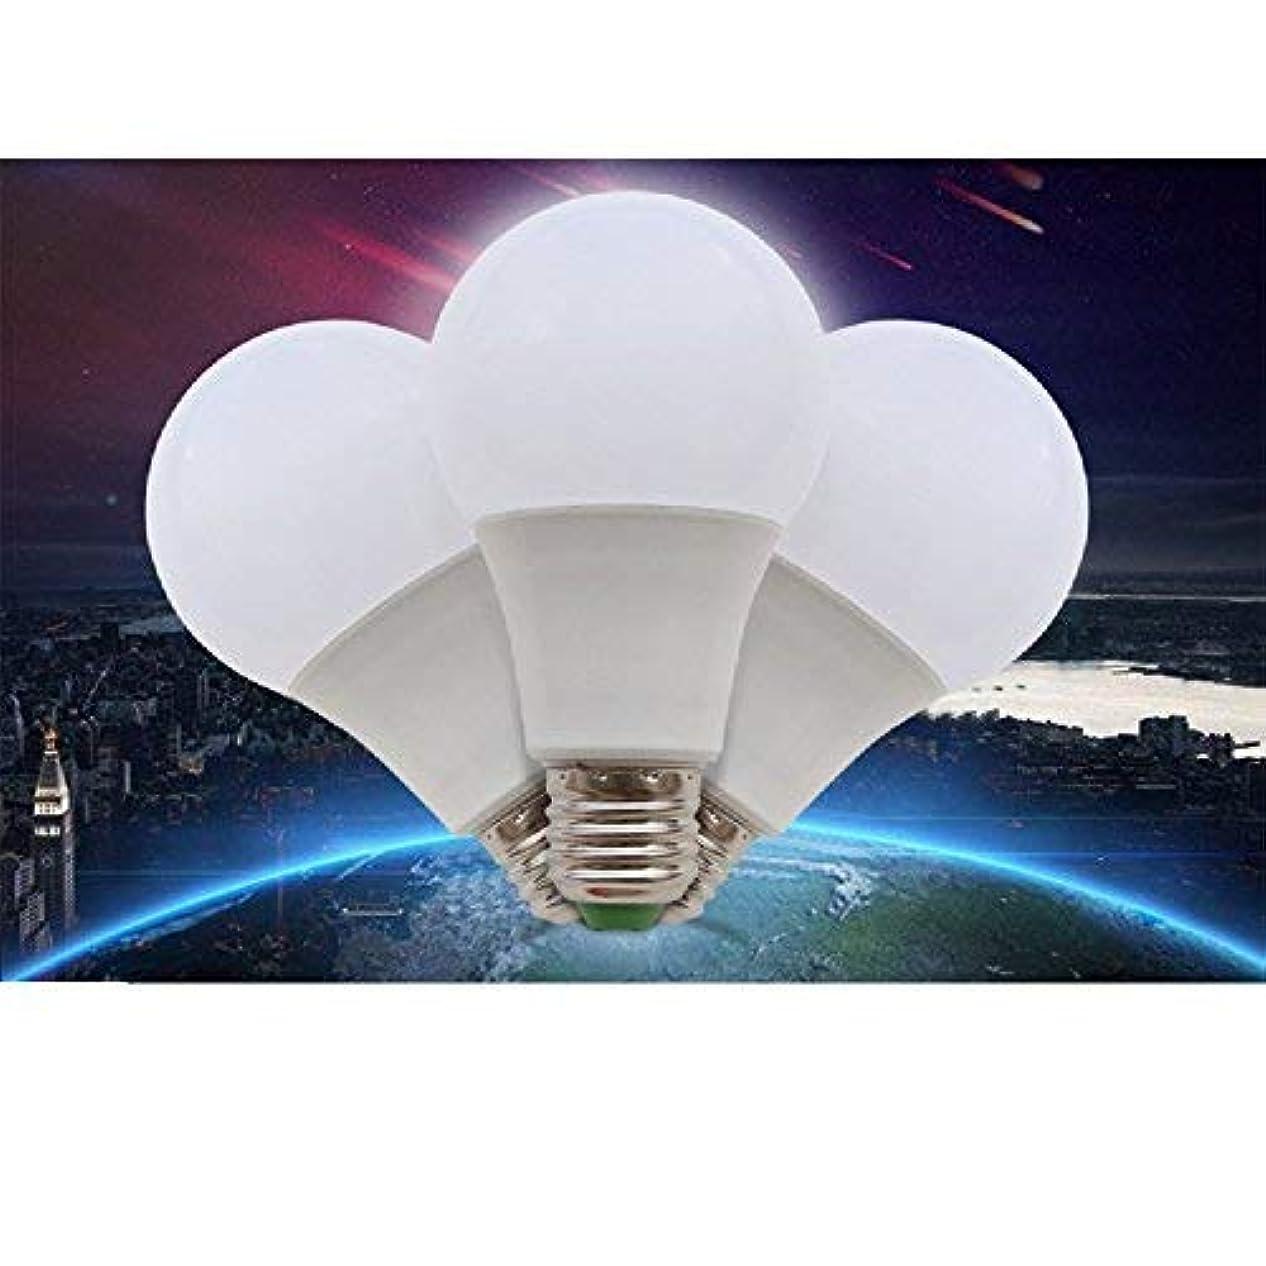 最も早い困難溶岩Aomgsd 7W/9W 室内センサーライト 人感センサー LED電球 夜灯 昼白色 80W相当 搭載明暗センサー 自動点灯/消灯 搭載レーダー探知機付 省エネ 防犯 (9W)